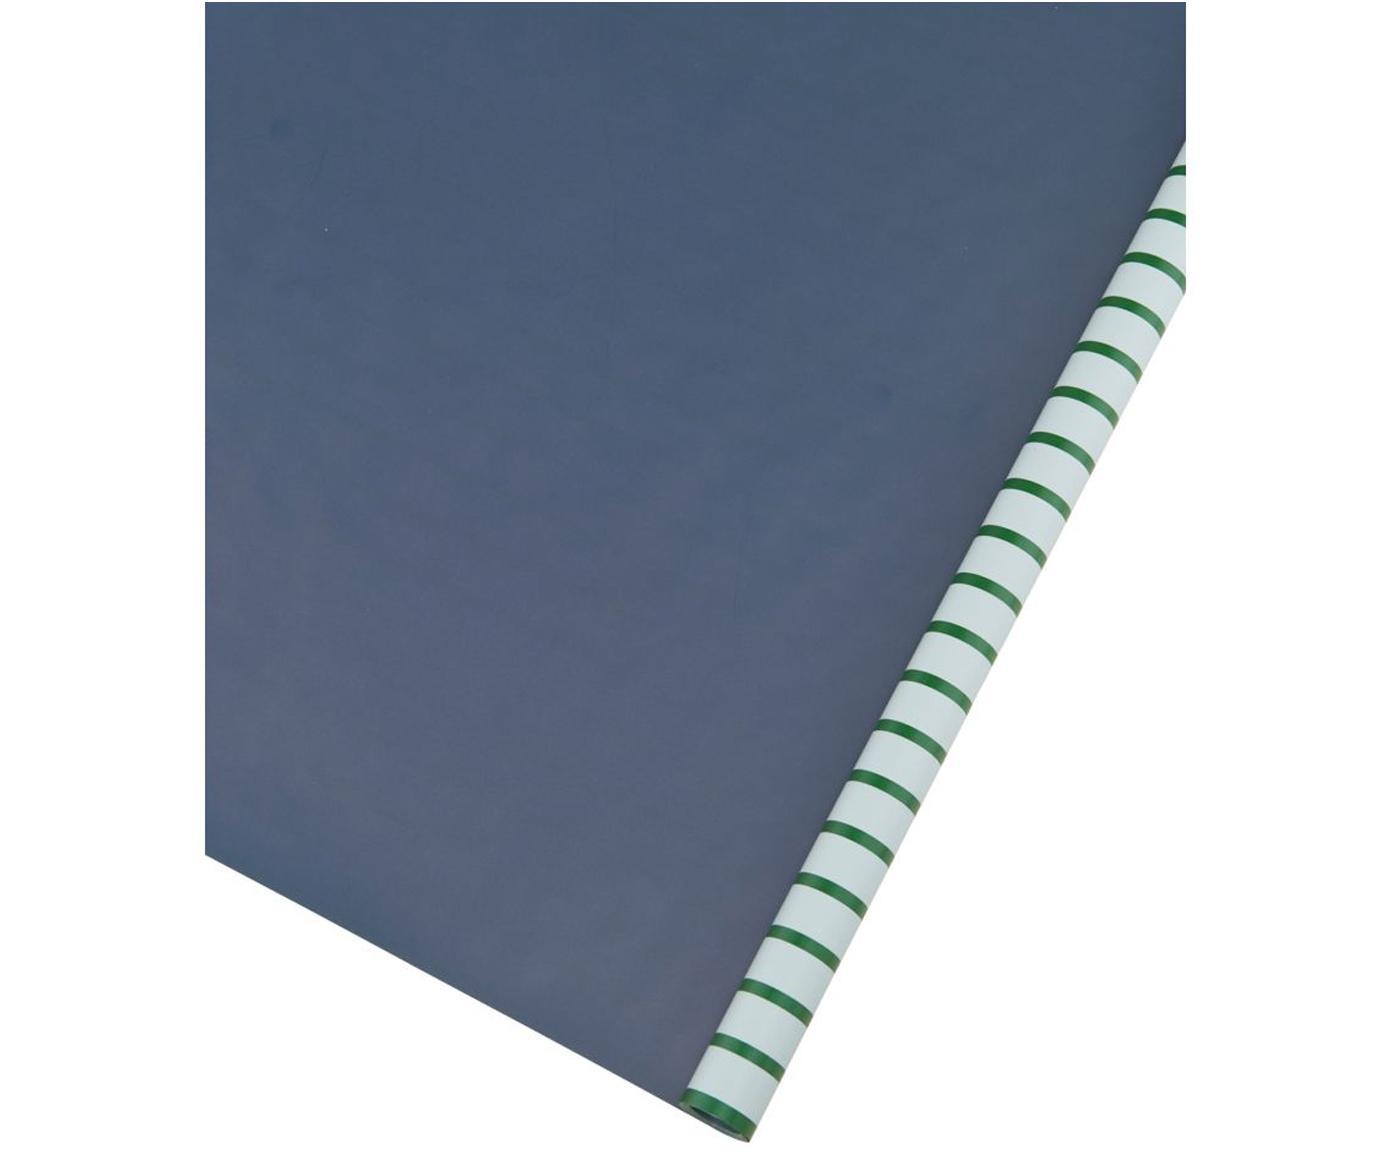 Geschenkpapierrol Stripey, Papier, Groen, lichtblauw, donkerblauw, 50 x 70 cm